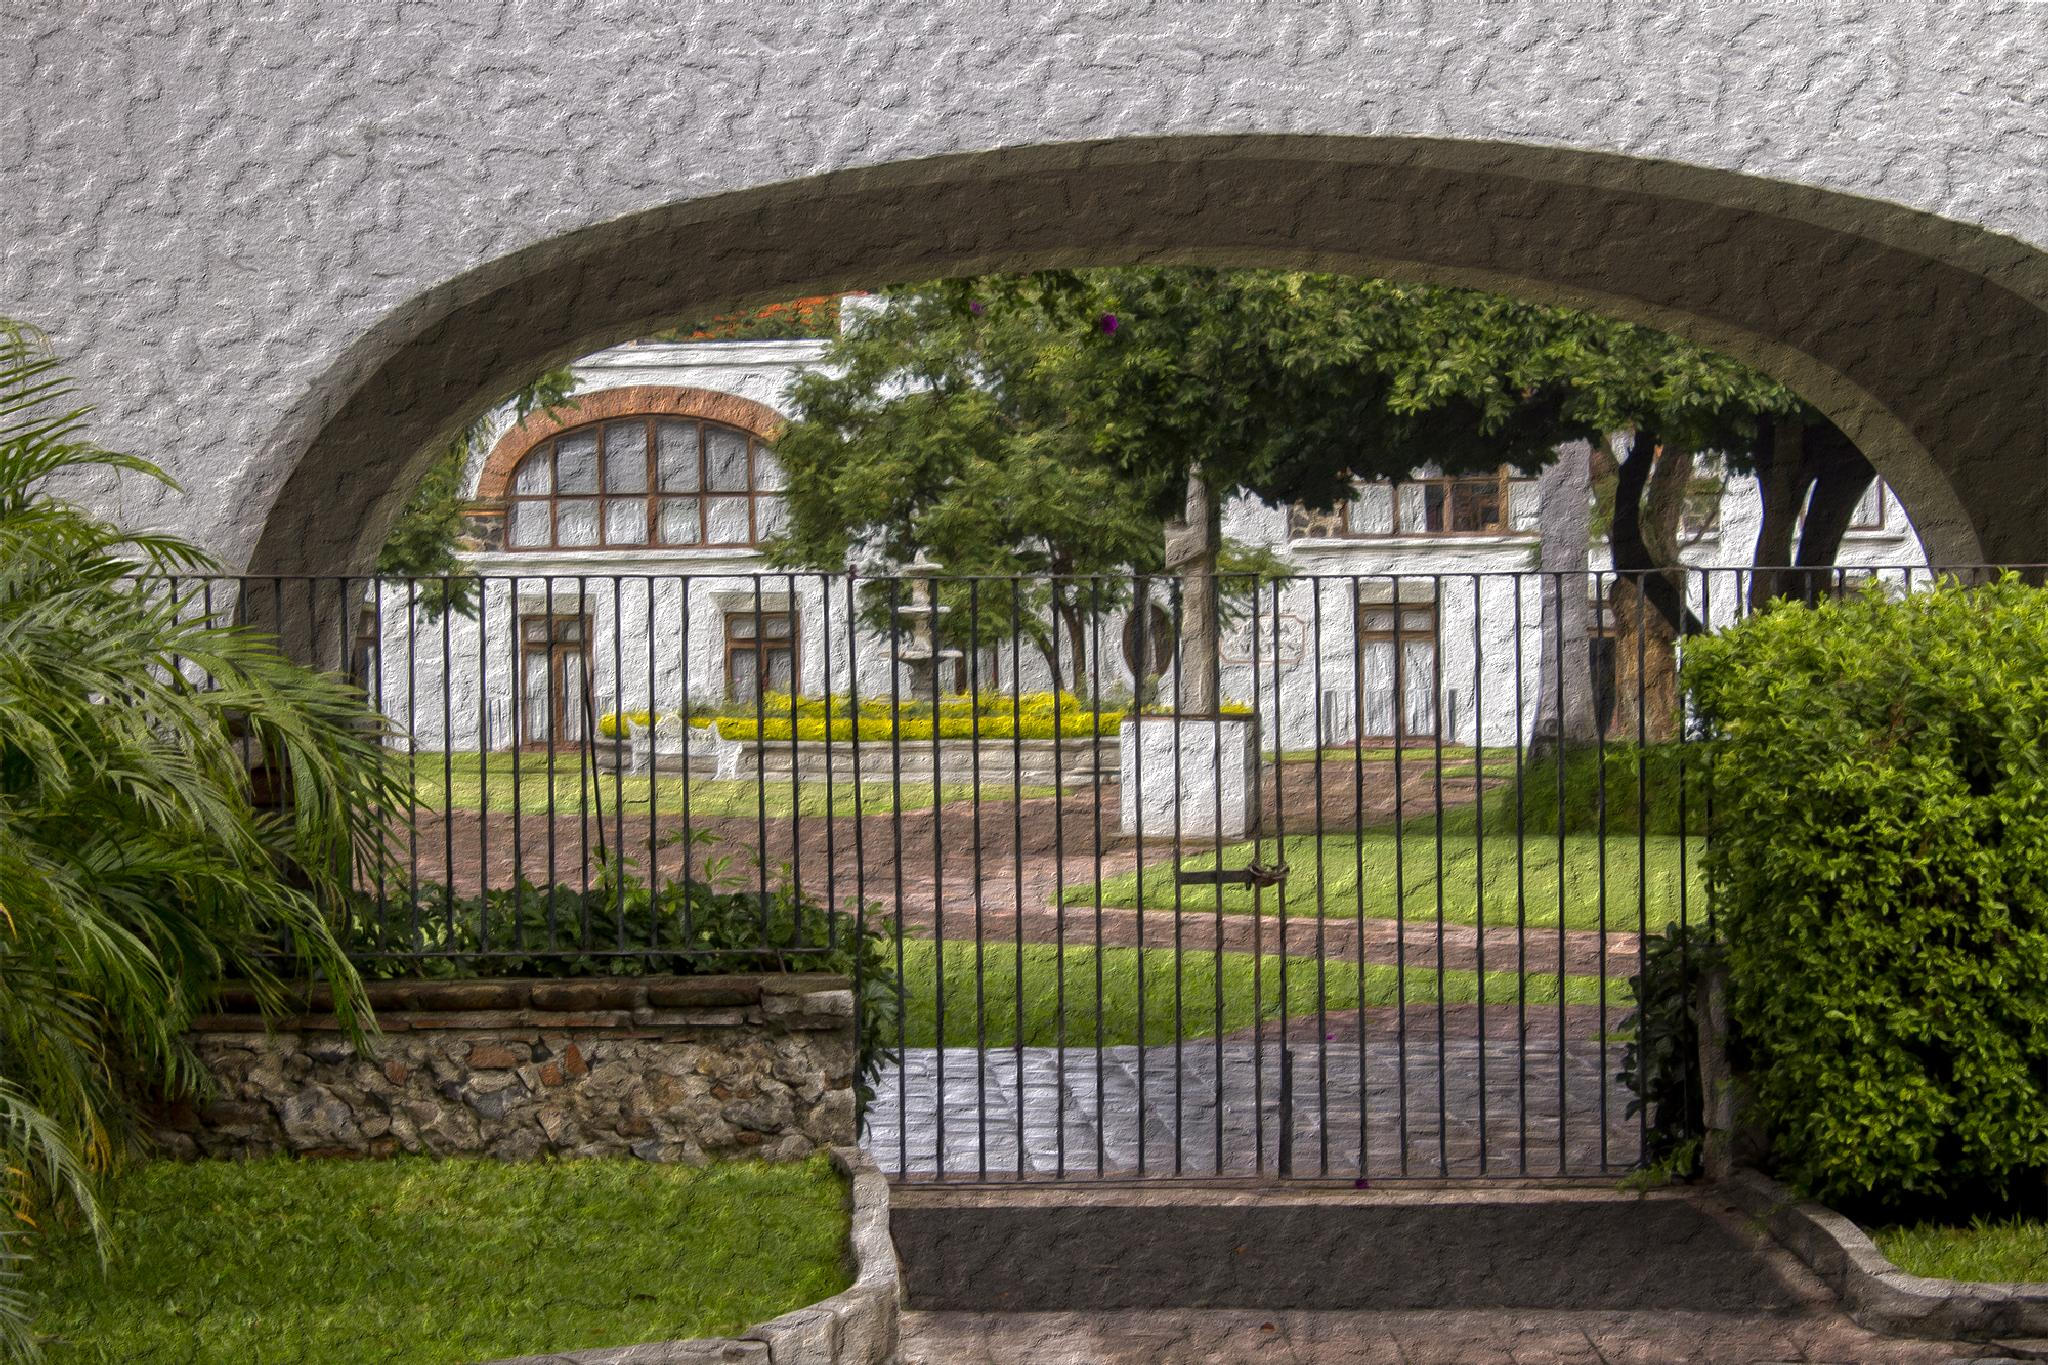 Rincón en la hacienda de Cocoyoc by Pejuta Grünstein